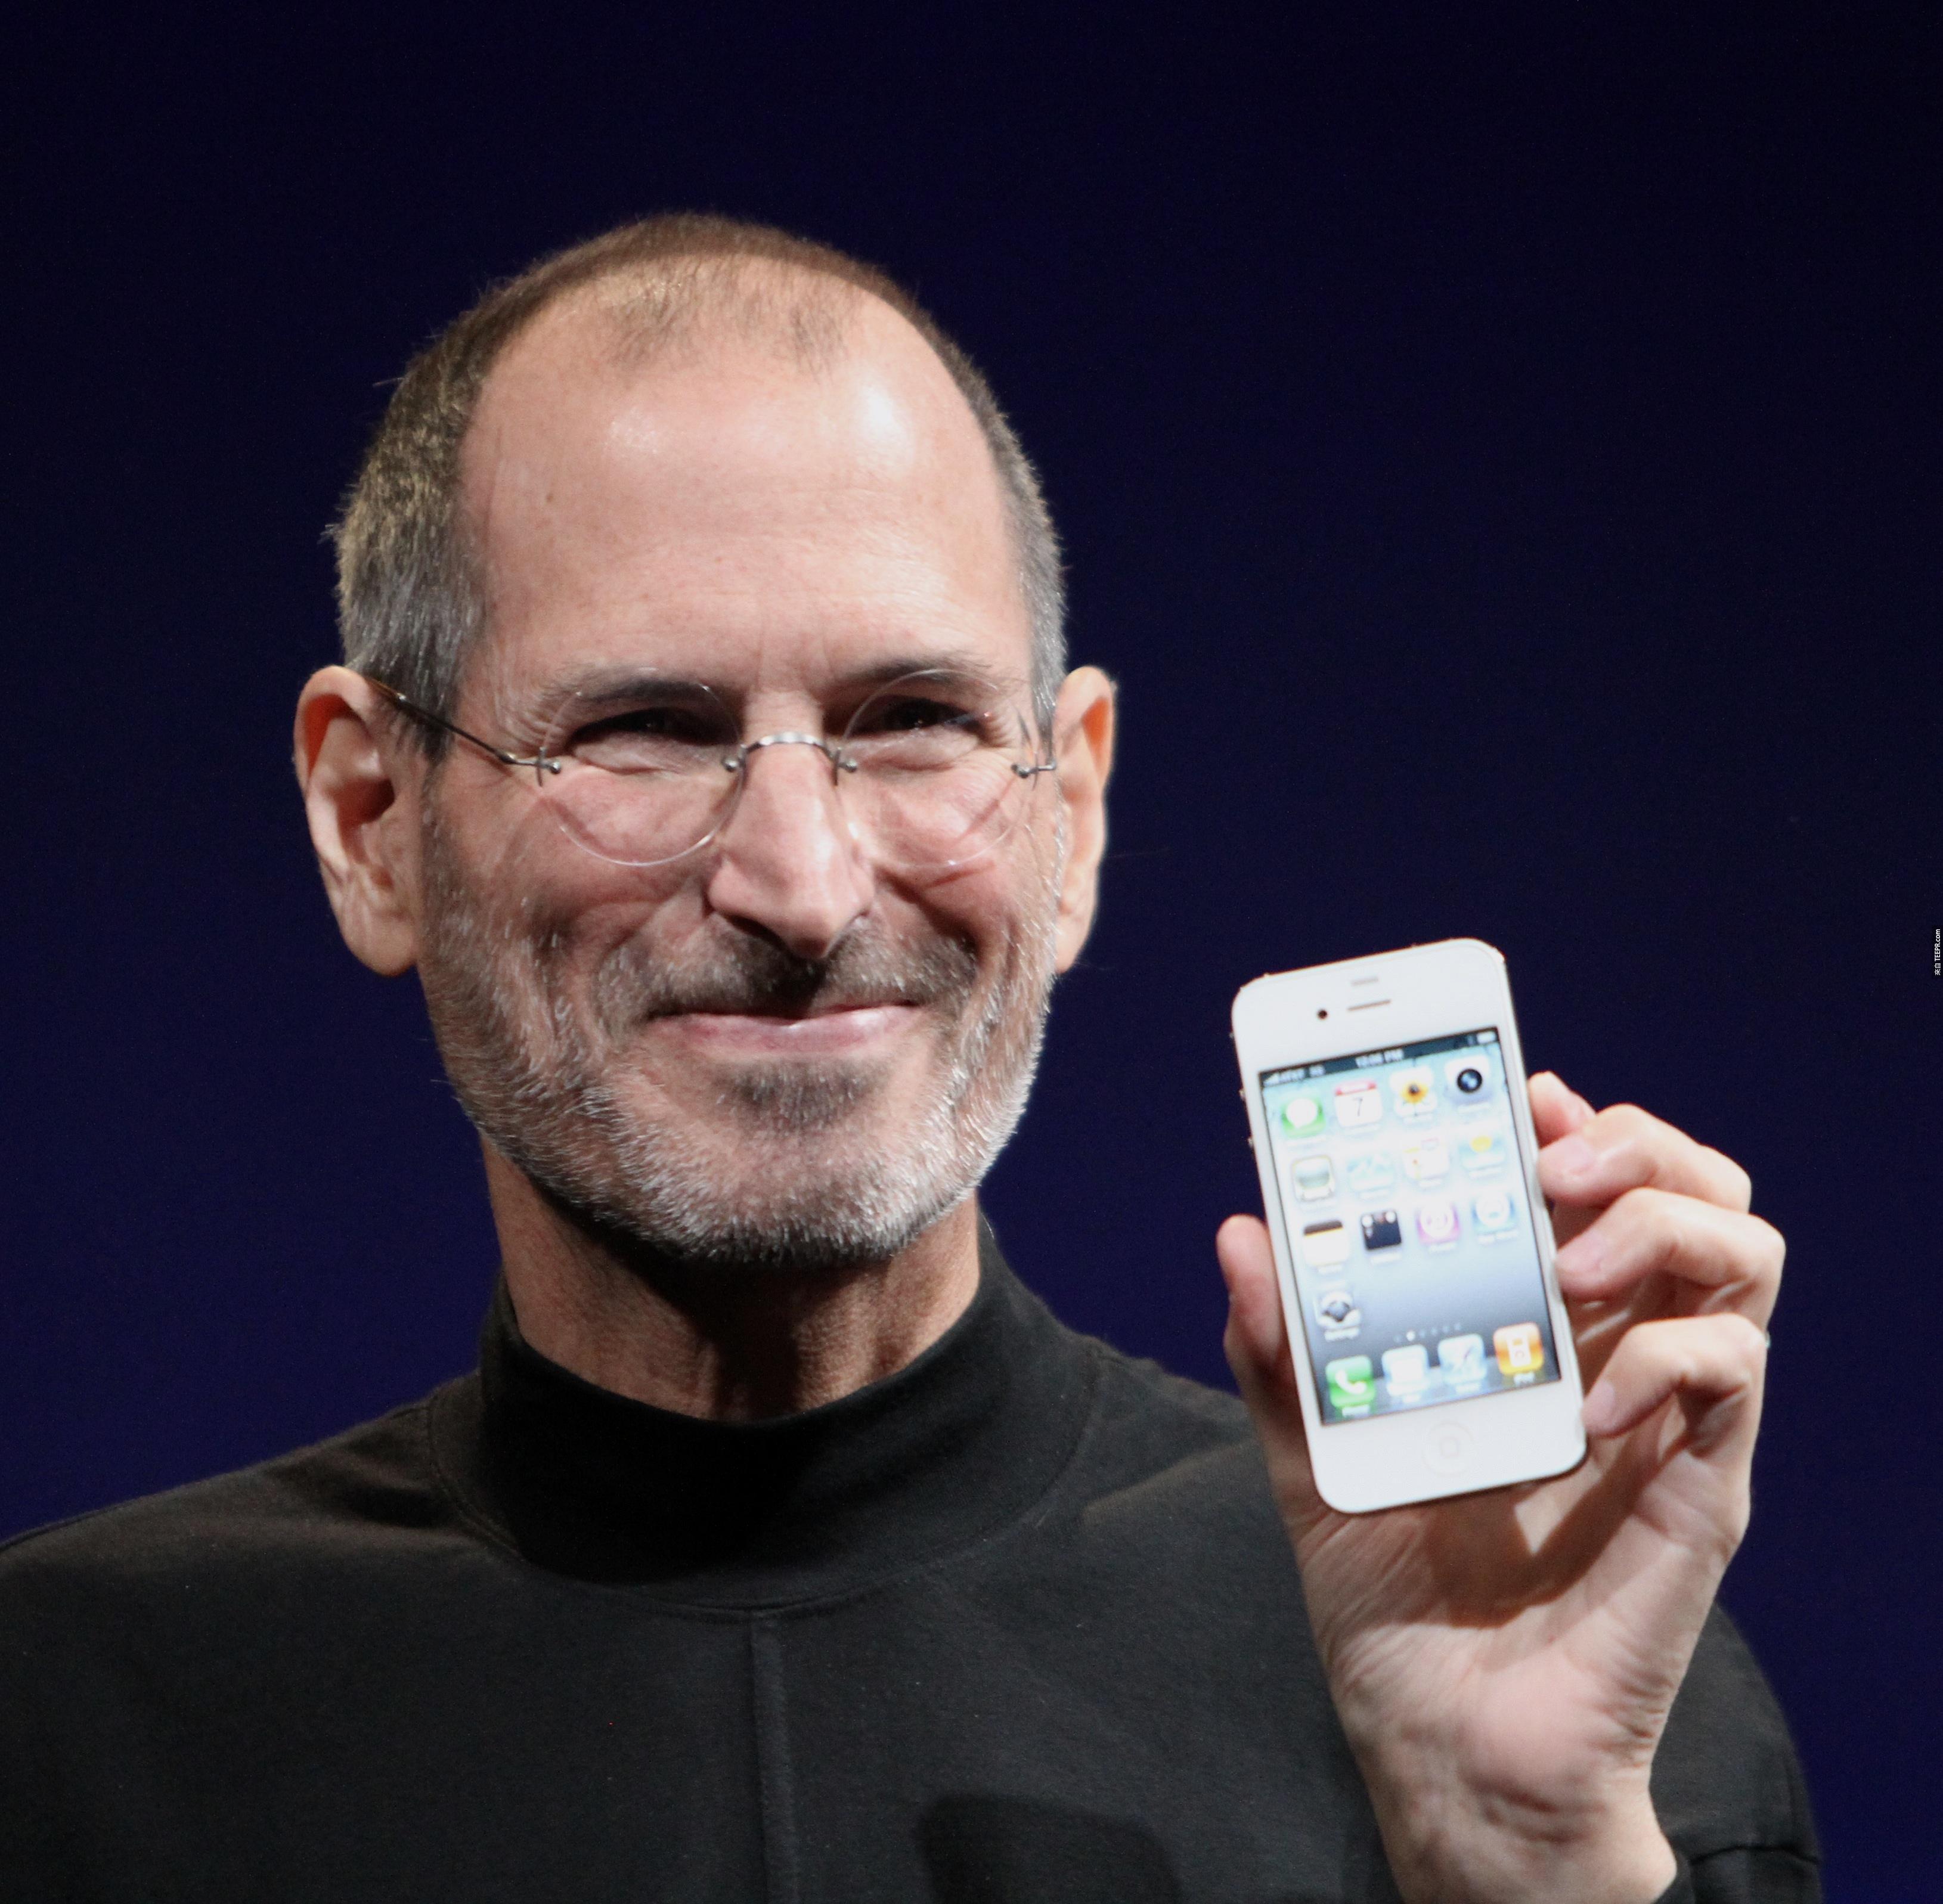 http://teepr.com/wp-content/uploads/2014/04/Steve_Jobs_Headshot_2010-CROP.jpg